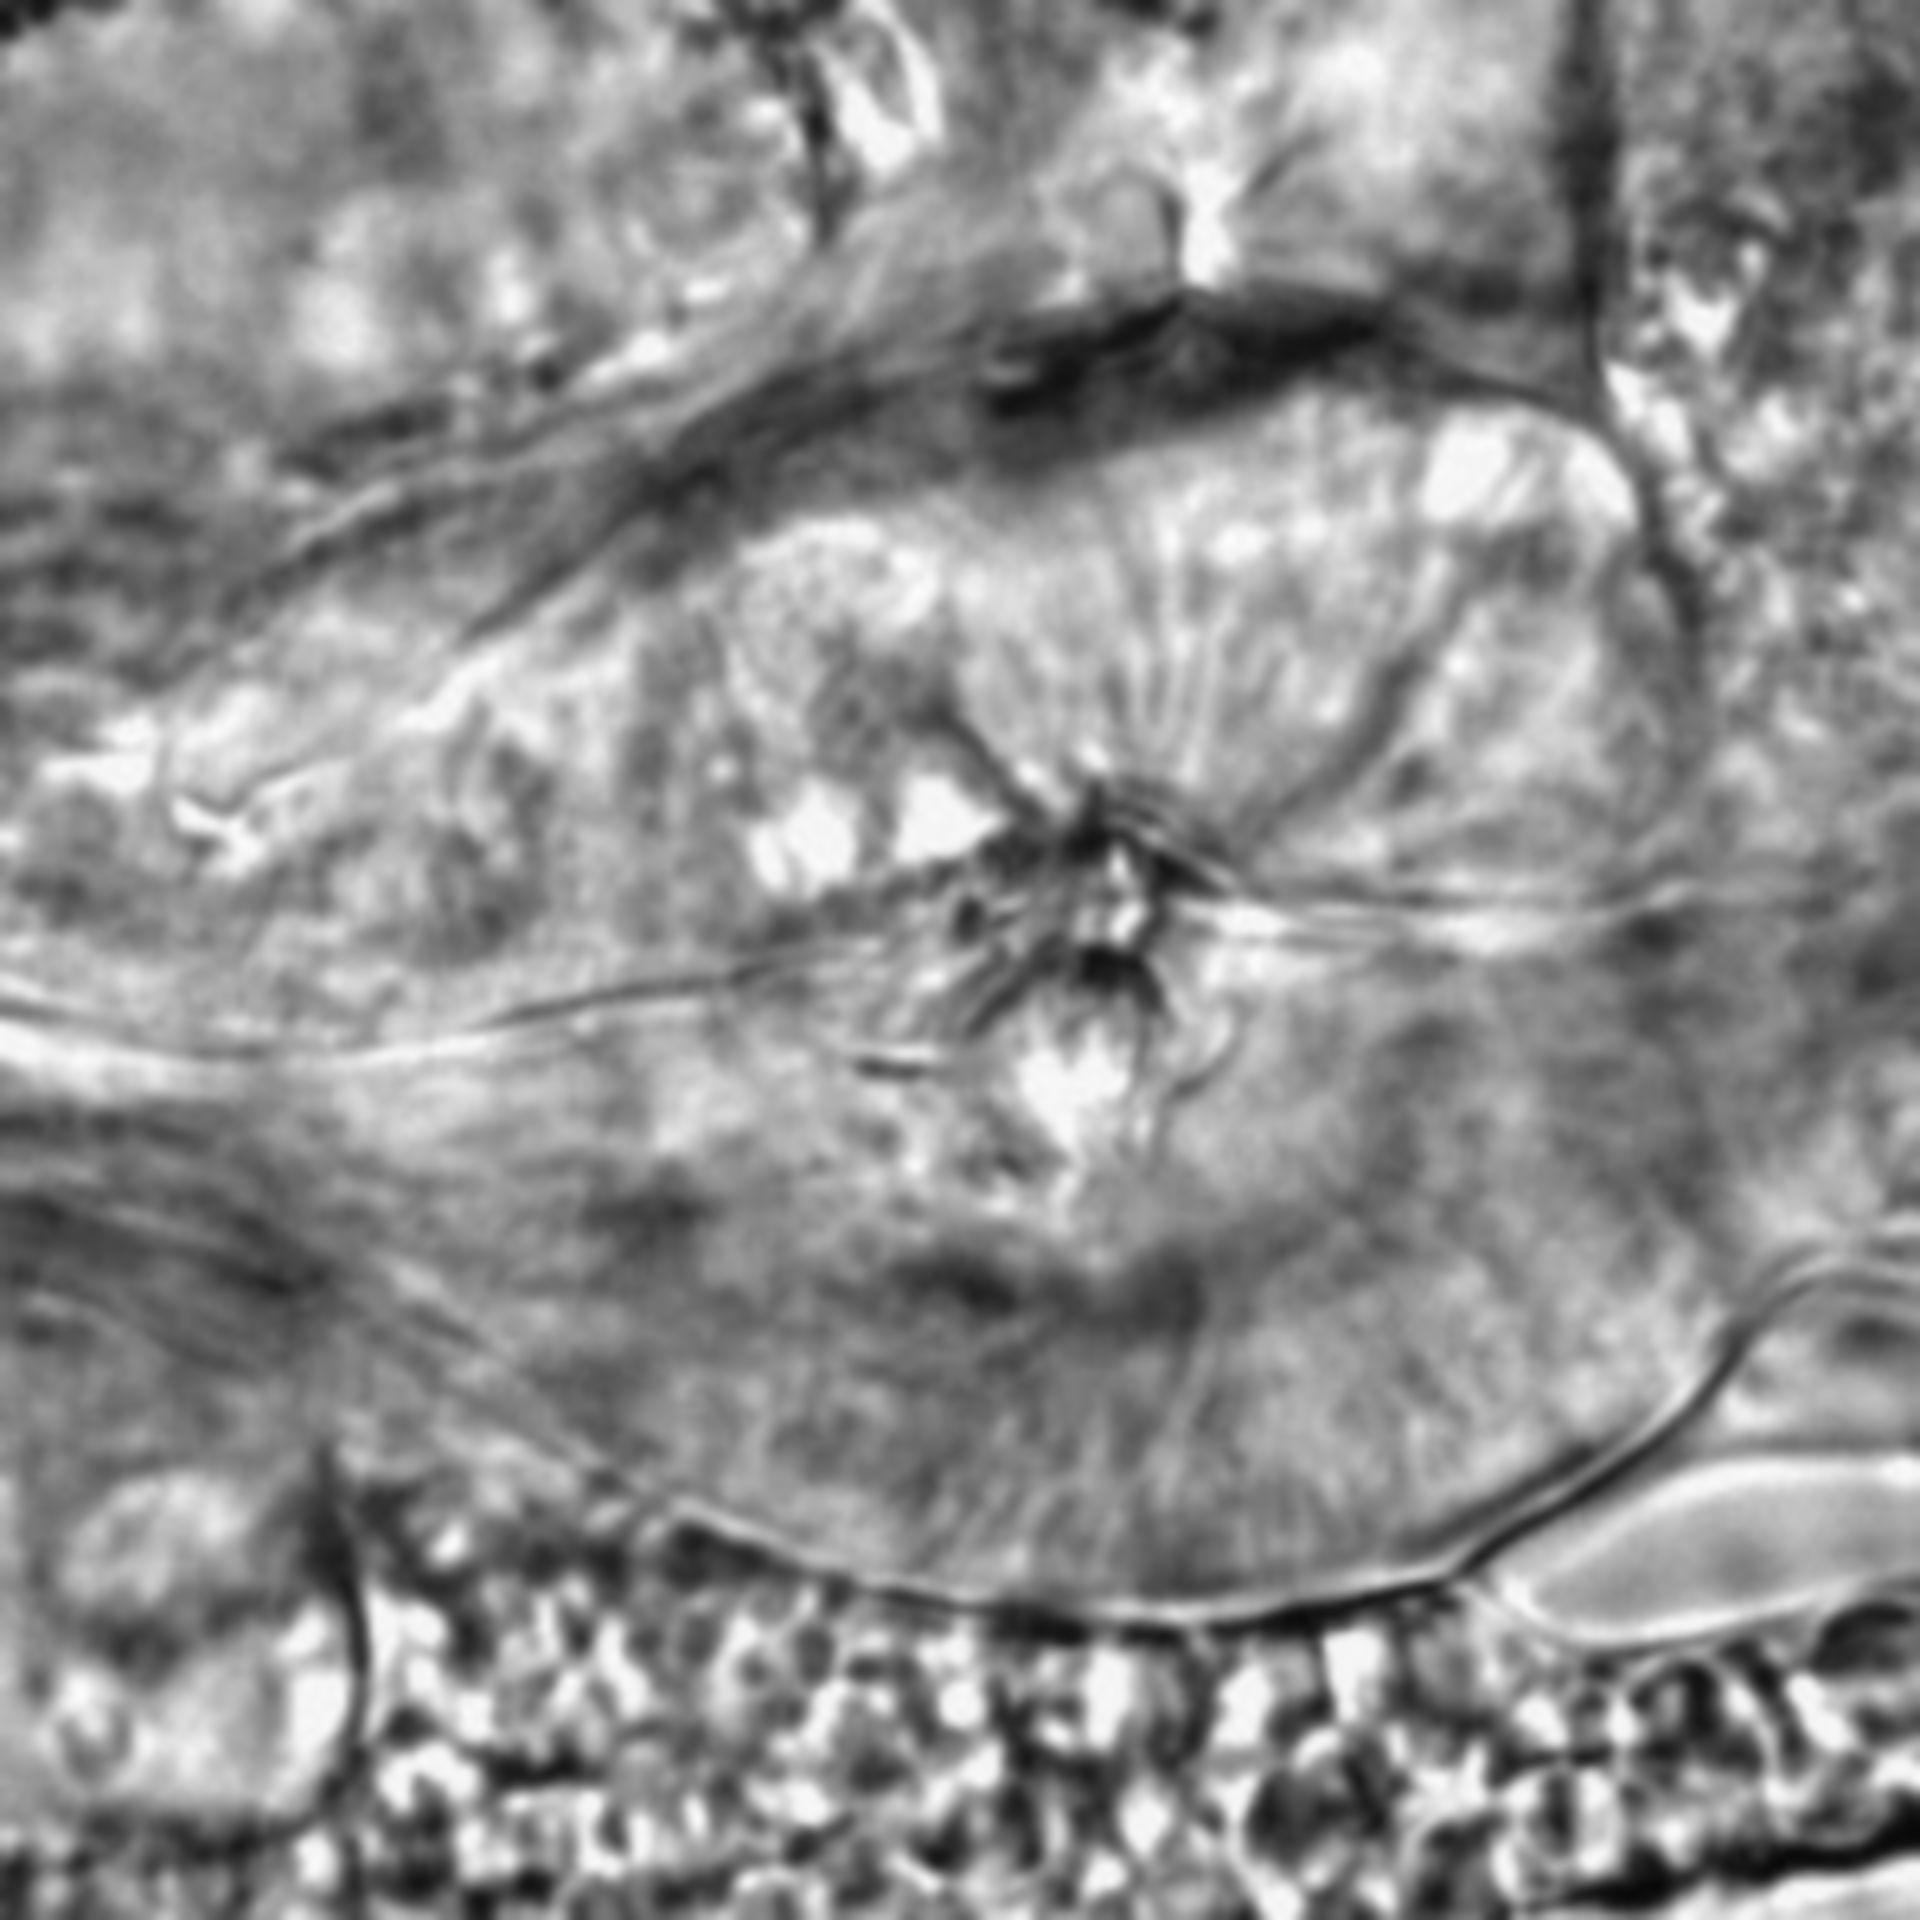 Caenorhabditis elegans - CIL:2192